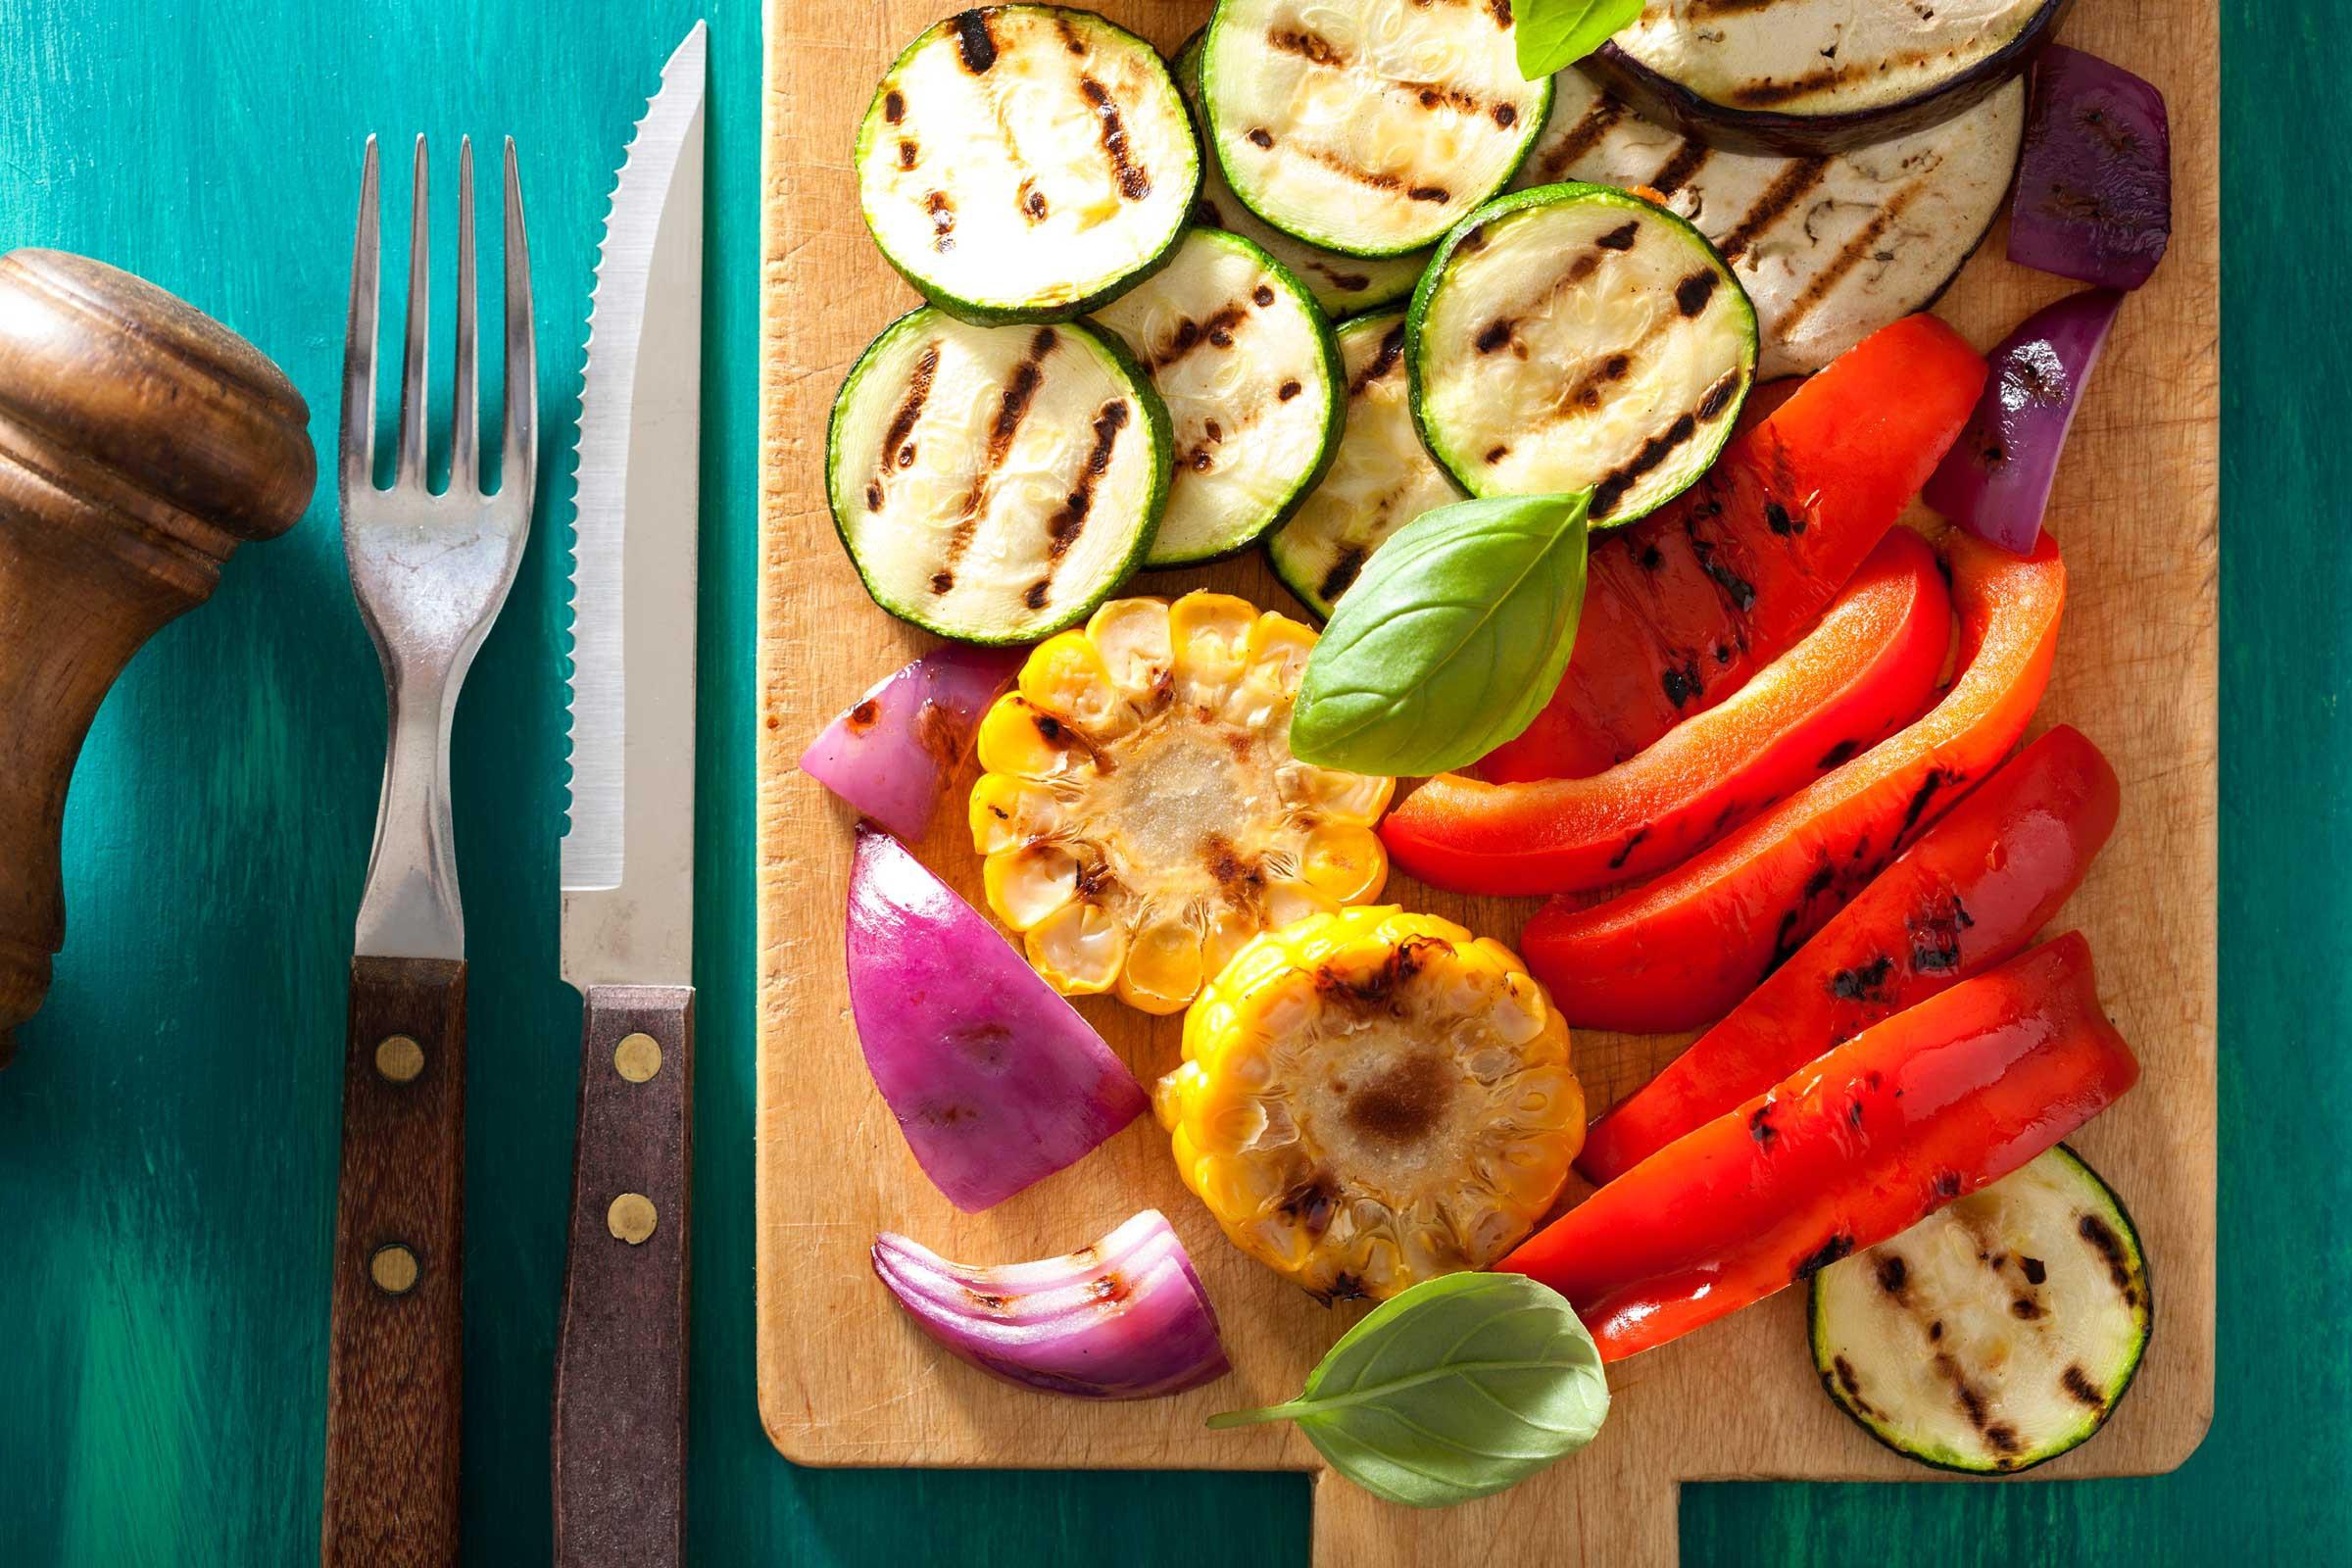 سبزیجات سالمی که شما میلی به مصرف آنها ندارید